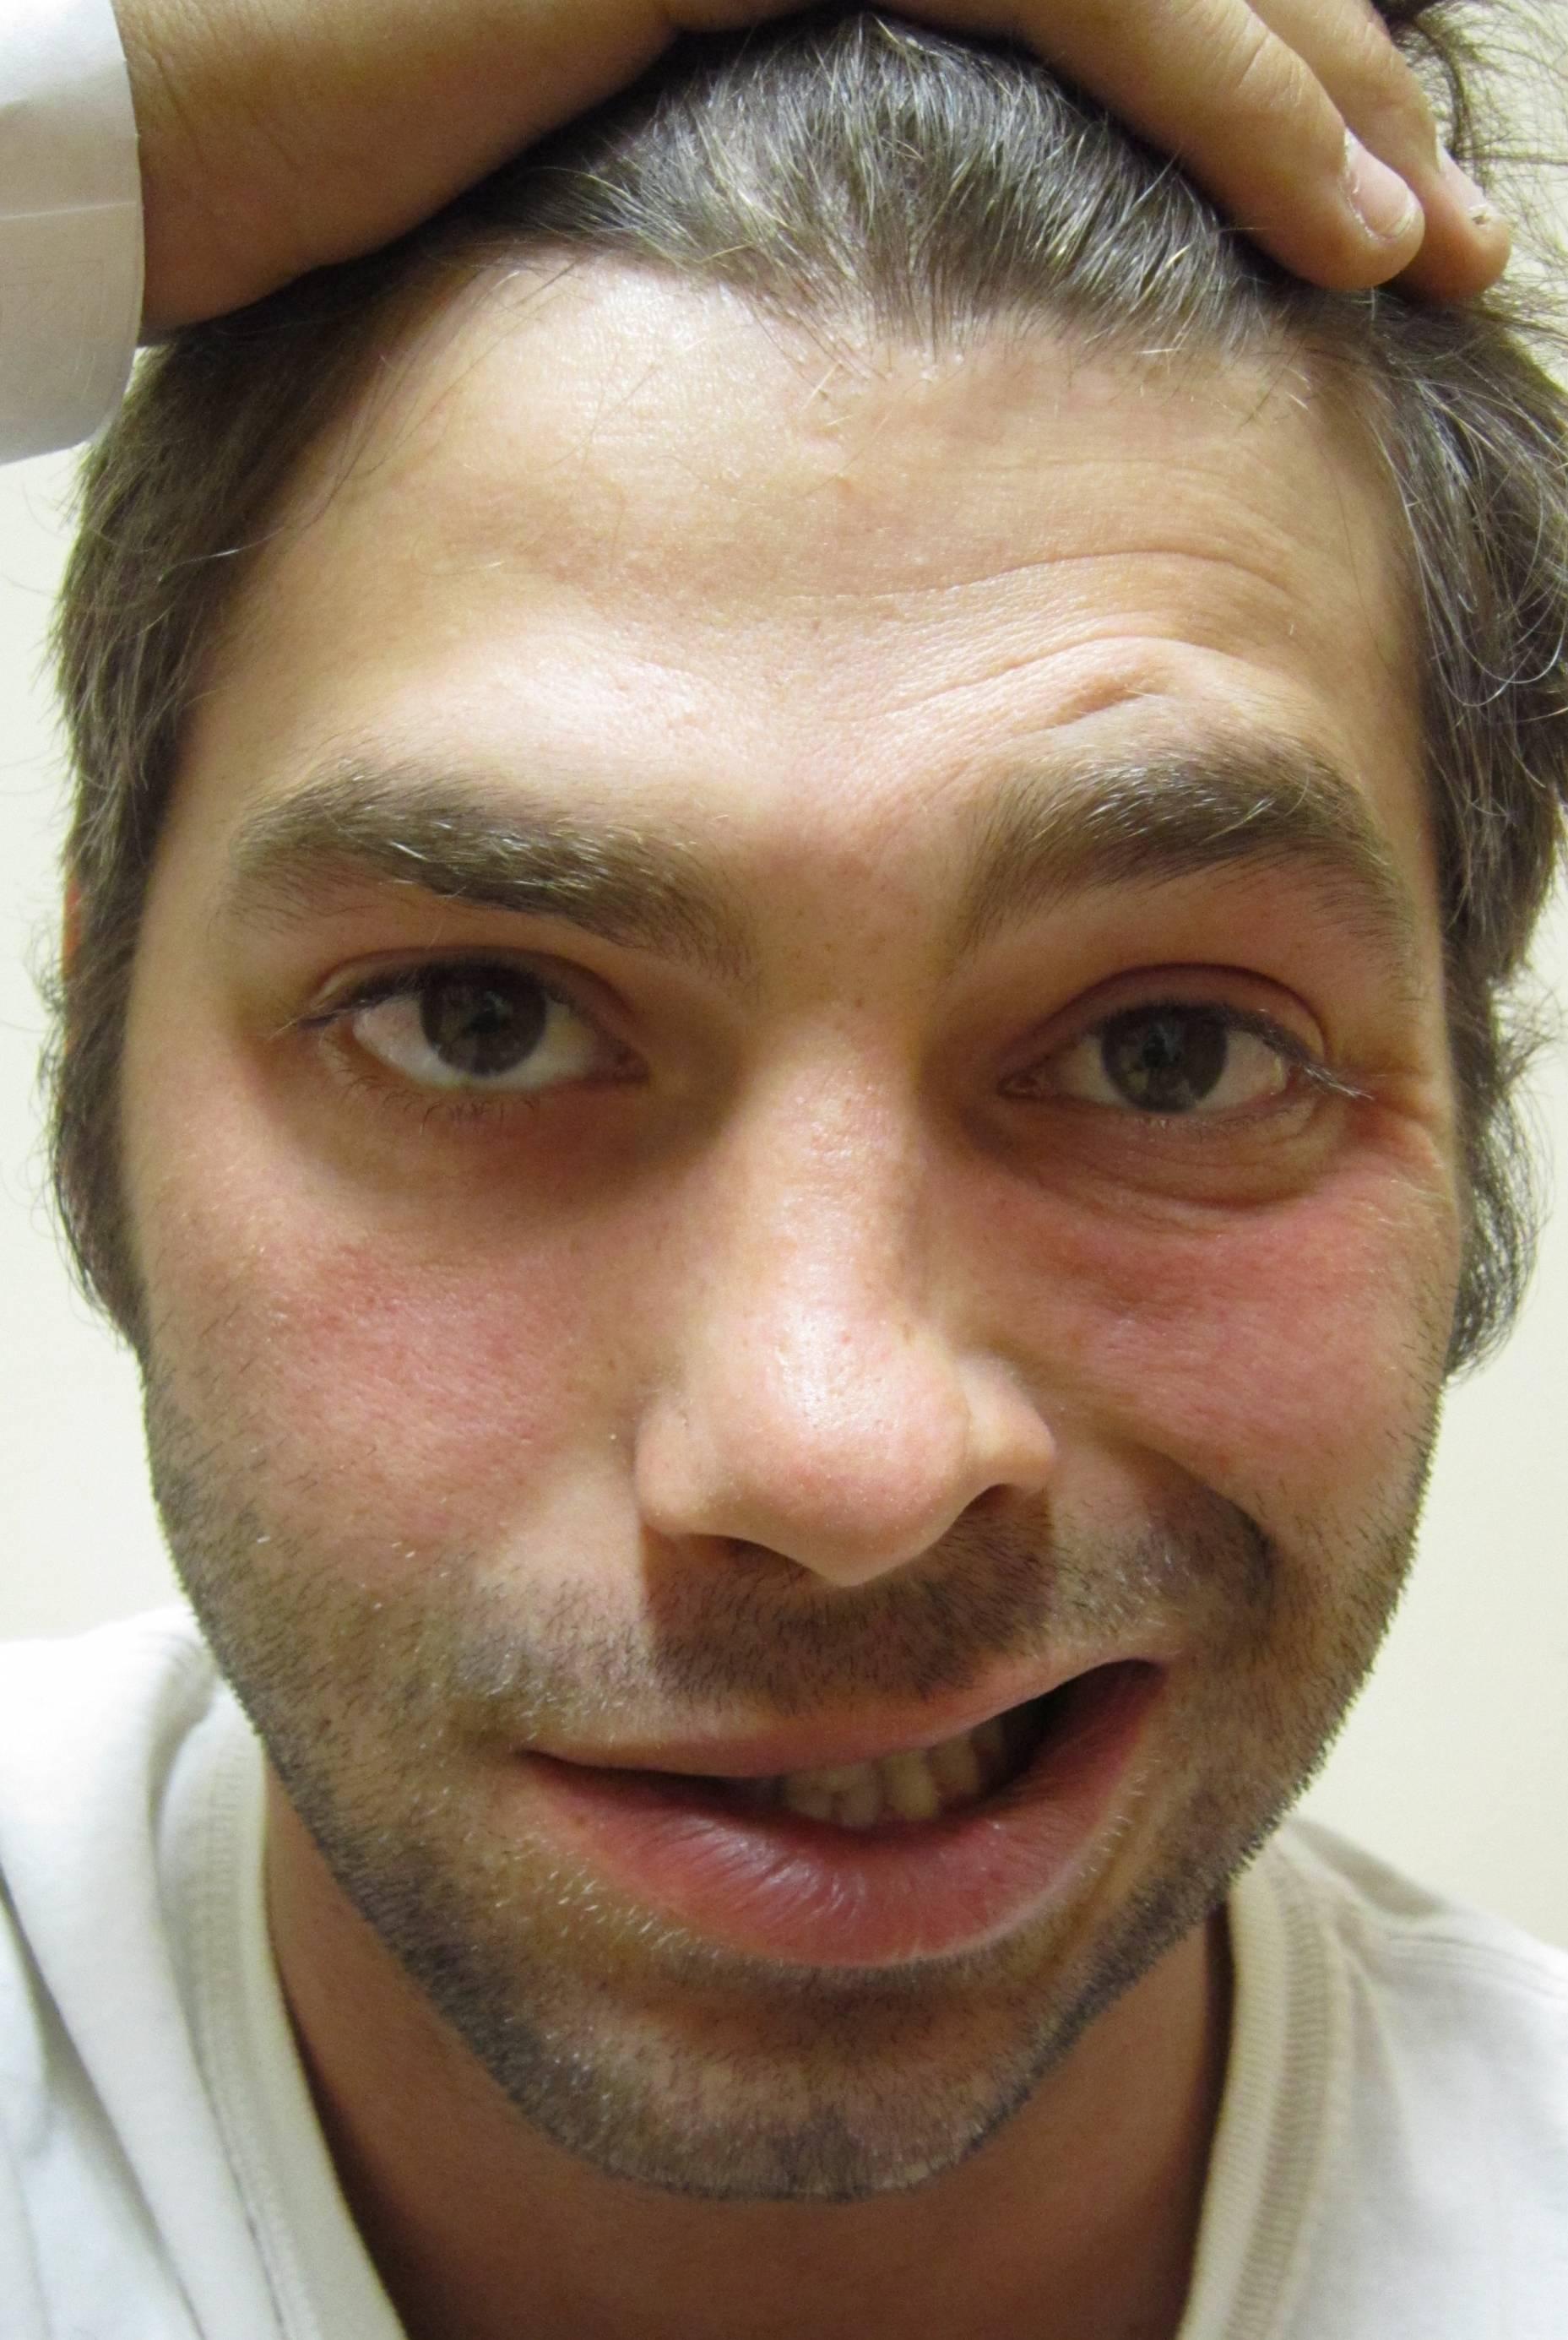 f39b73ed8d Hinchazón alrededor de los ojos y la cara también puede ser un signo de  alergias.